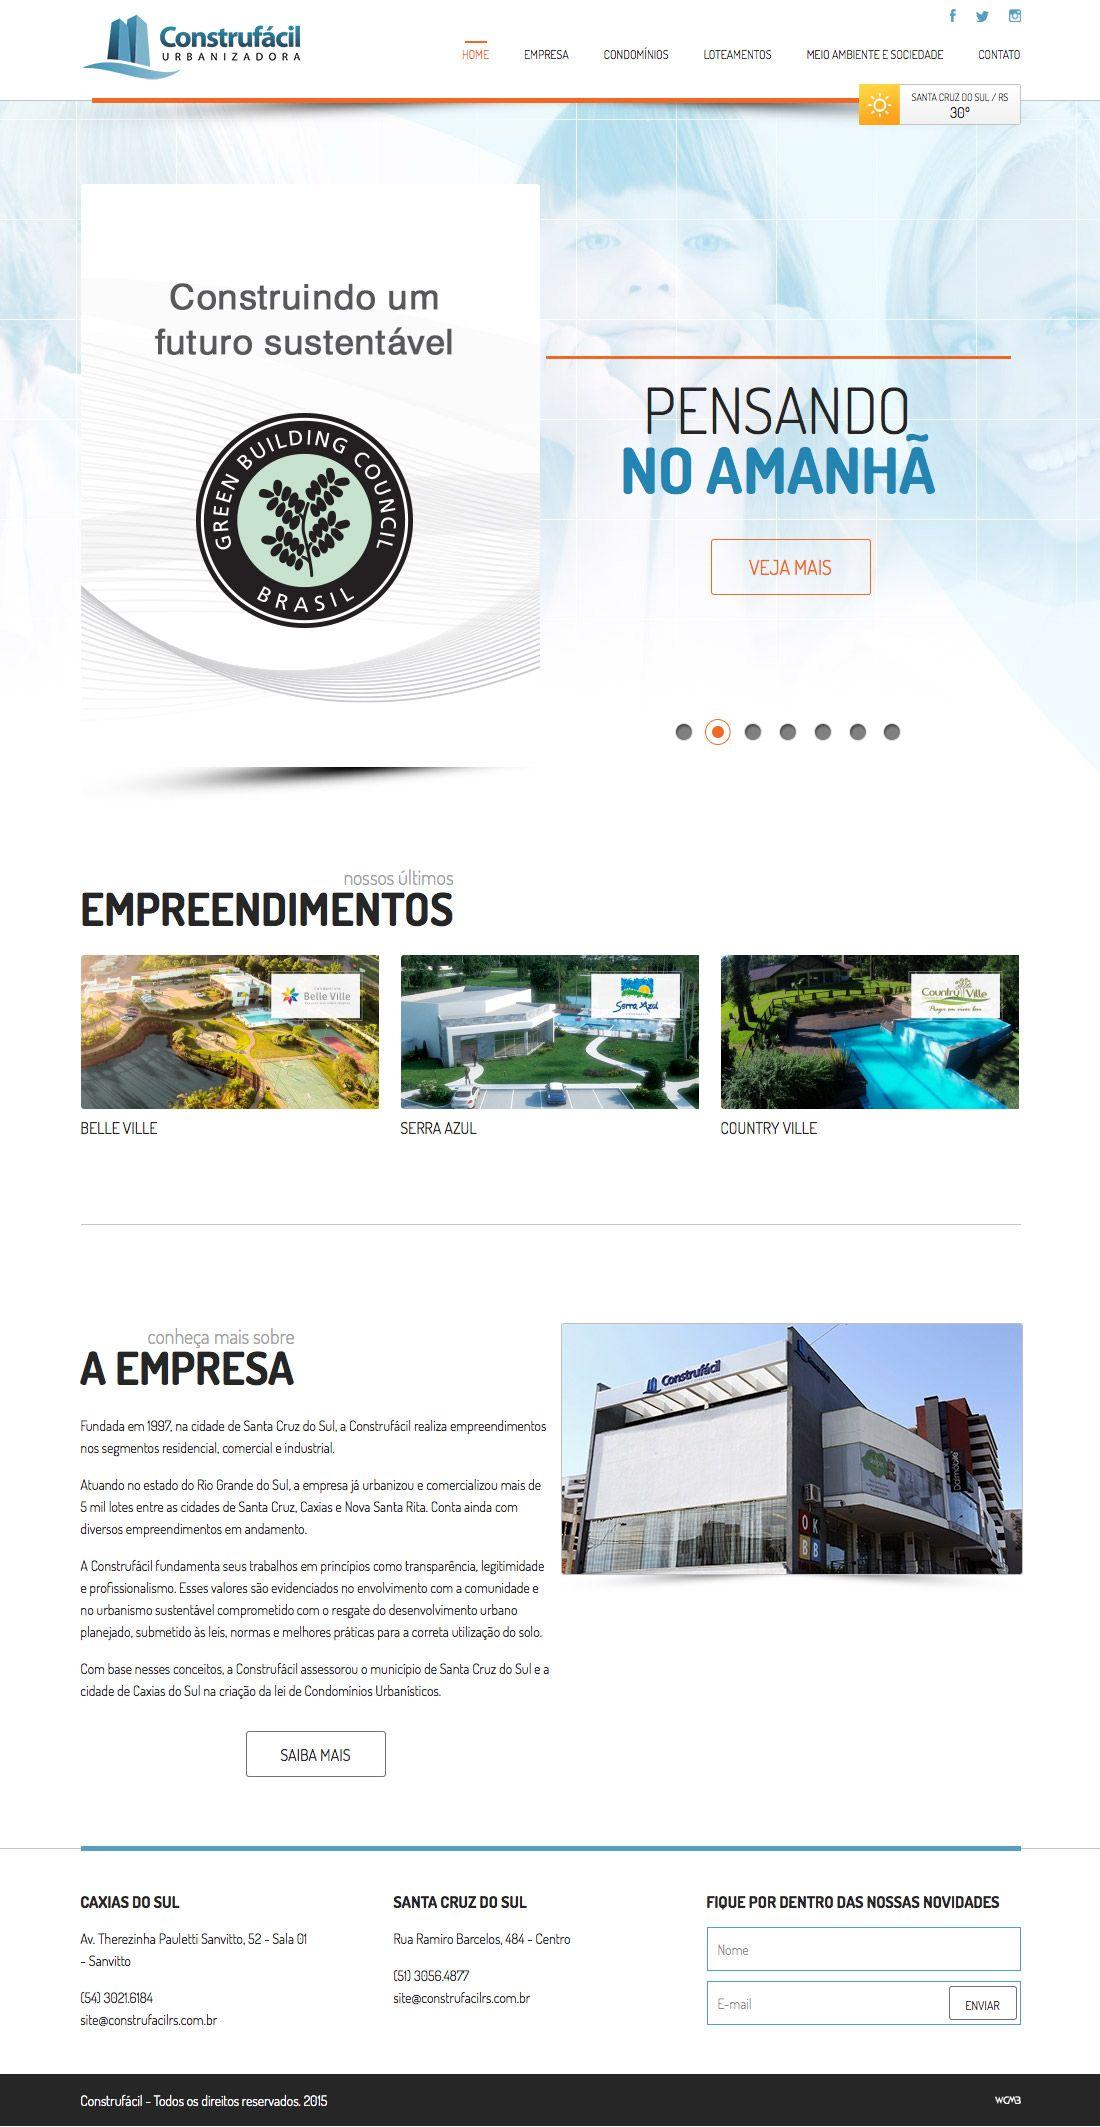 Construfácil http://www.construfacilrs.com.br/